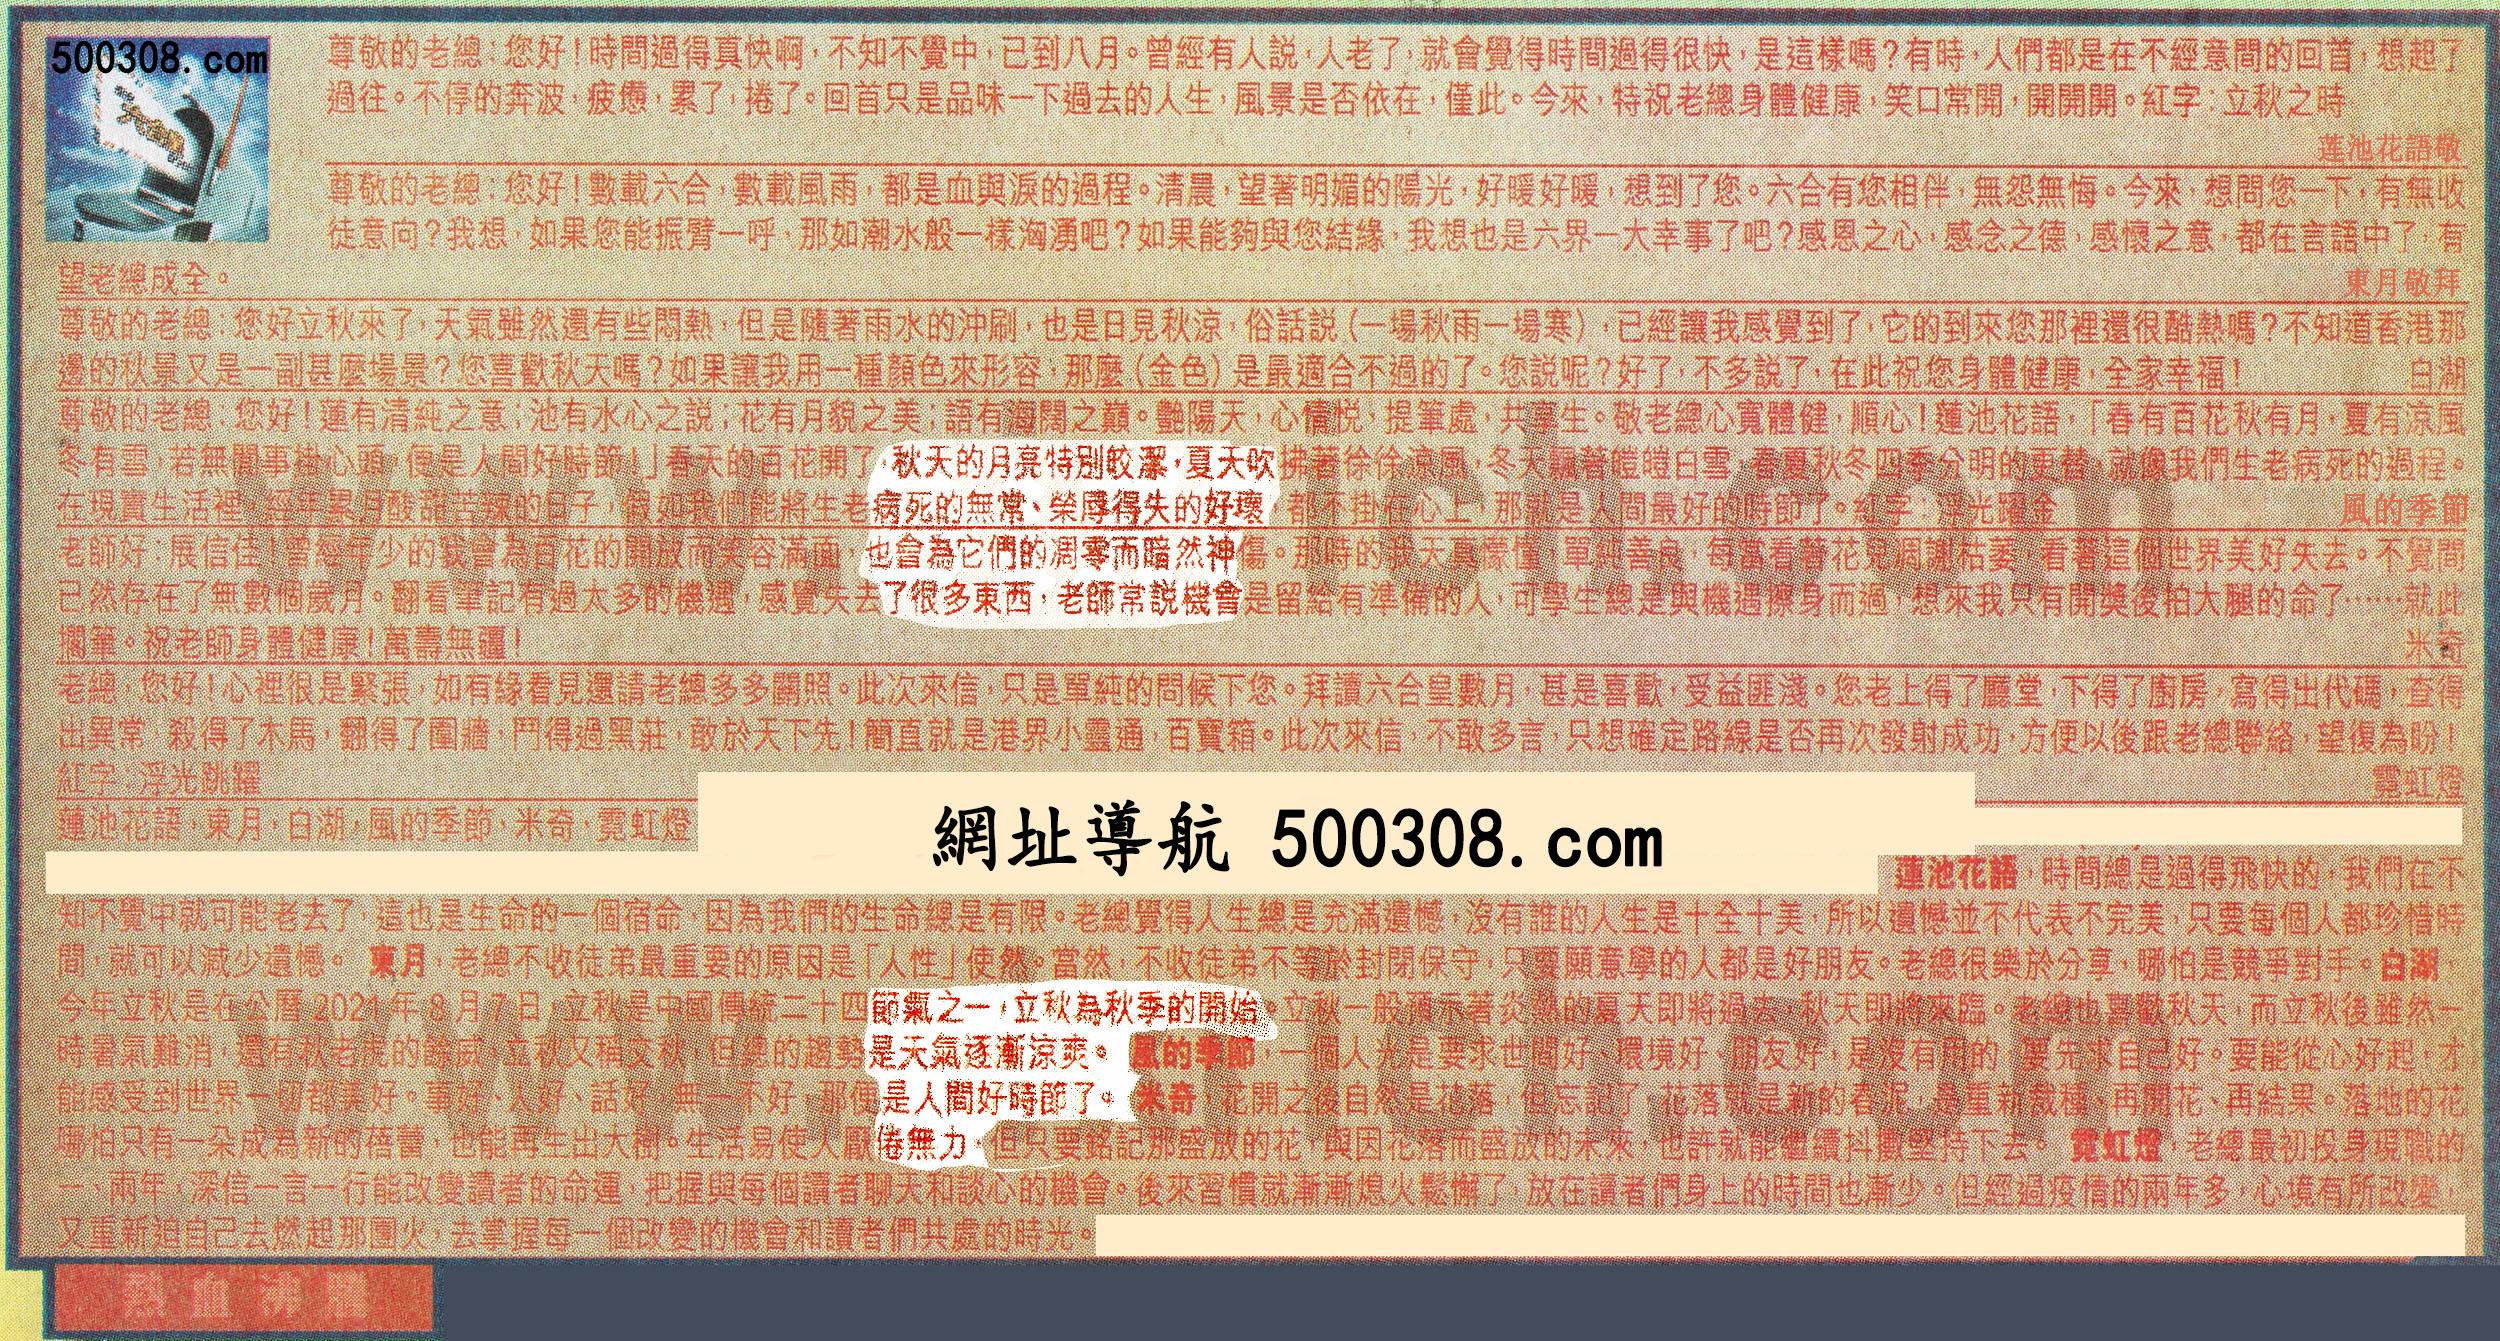 066期:彩民推荐六合皇信箱(�t字:�嵫�沸�v) 066期开奖结果:19-36-25-10-17-39-T31(羊/蓝/土)